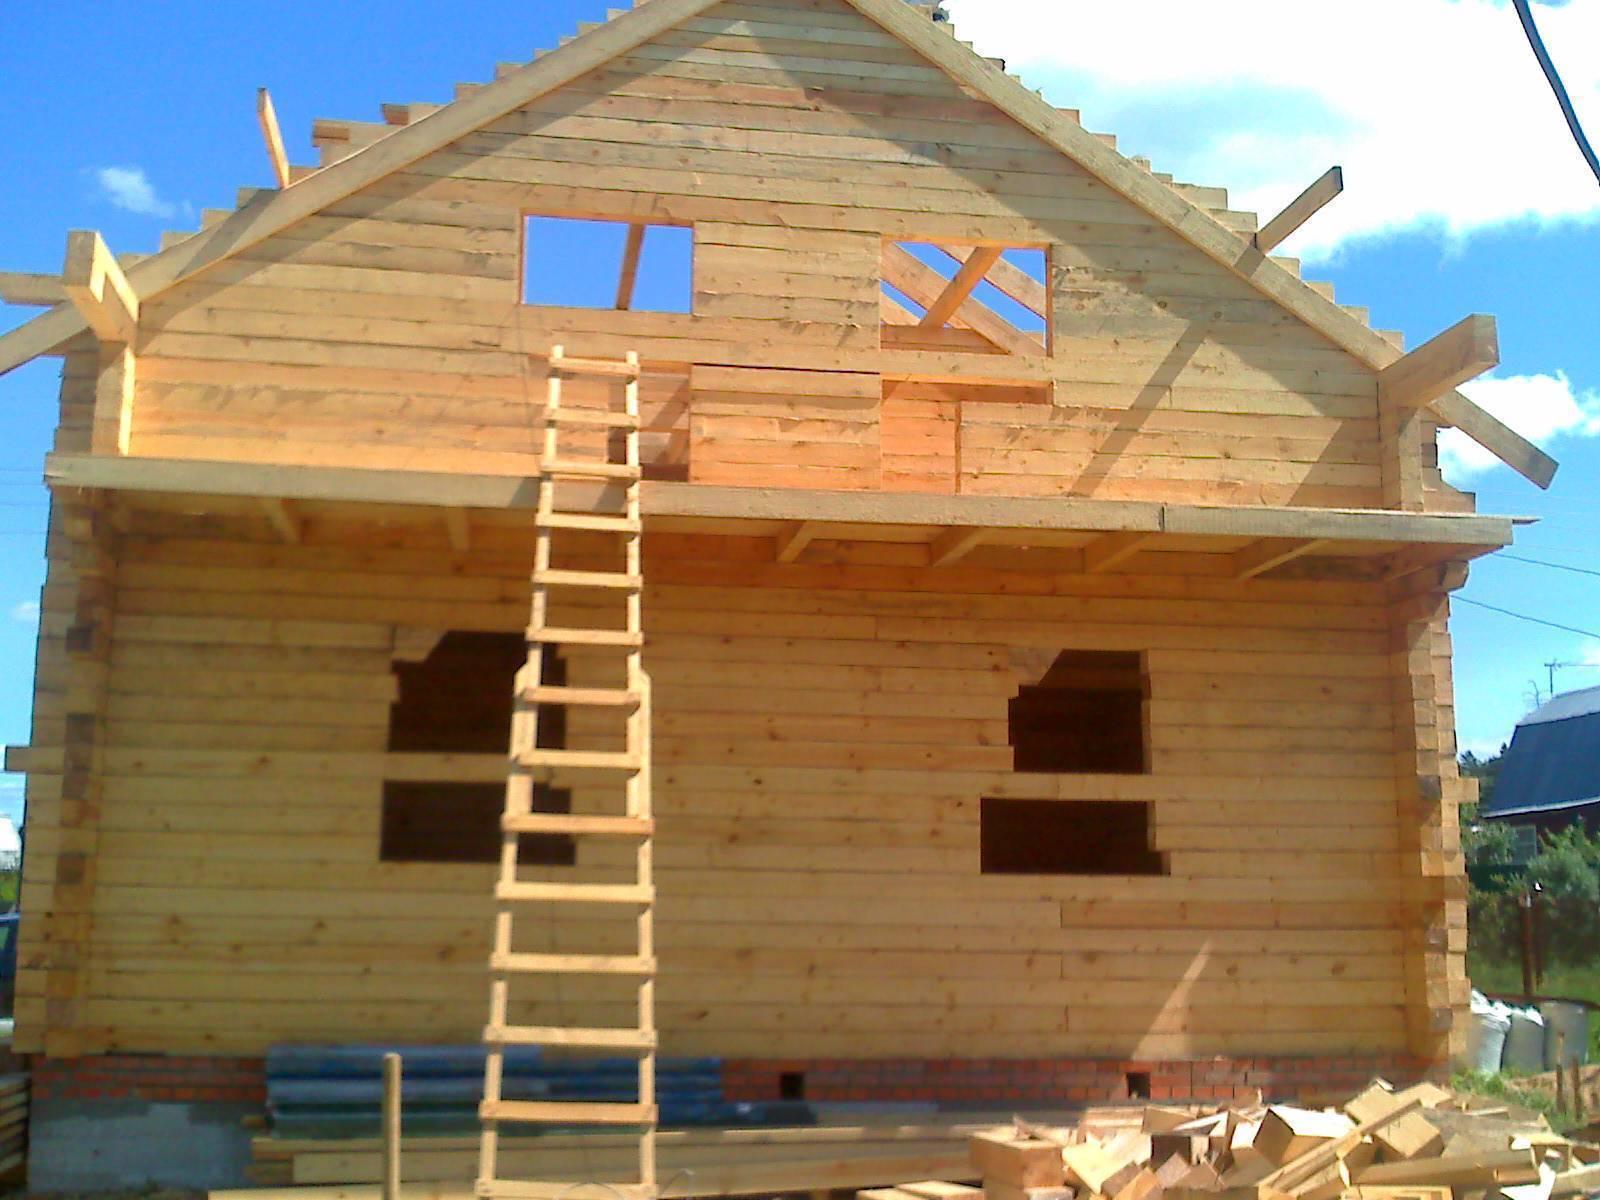 Как самостоятельно построить дом из бруса: подбор материалов, проектирование, технология постройки